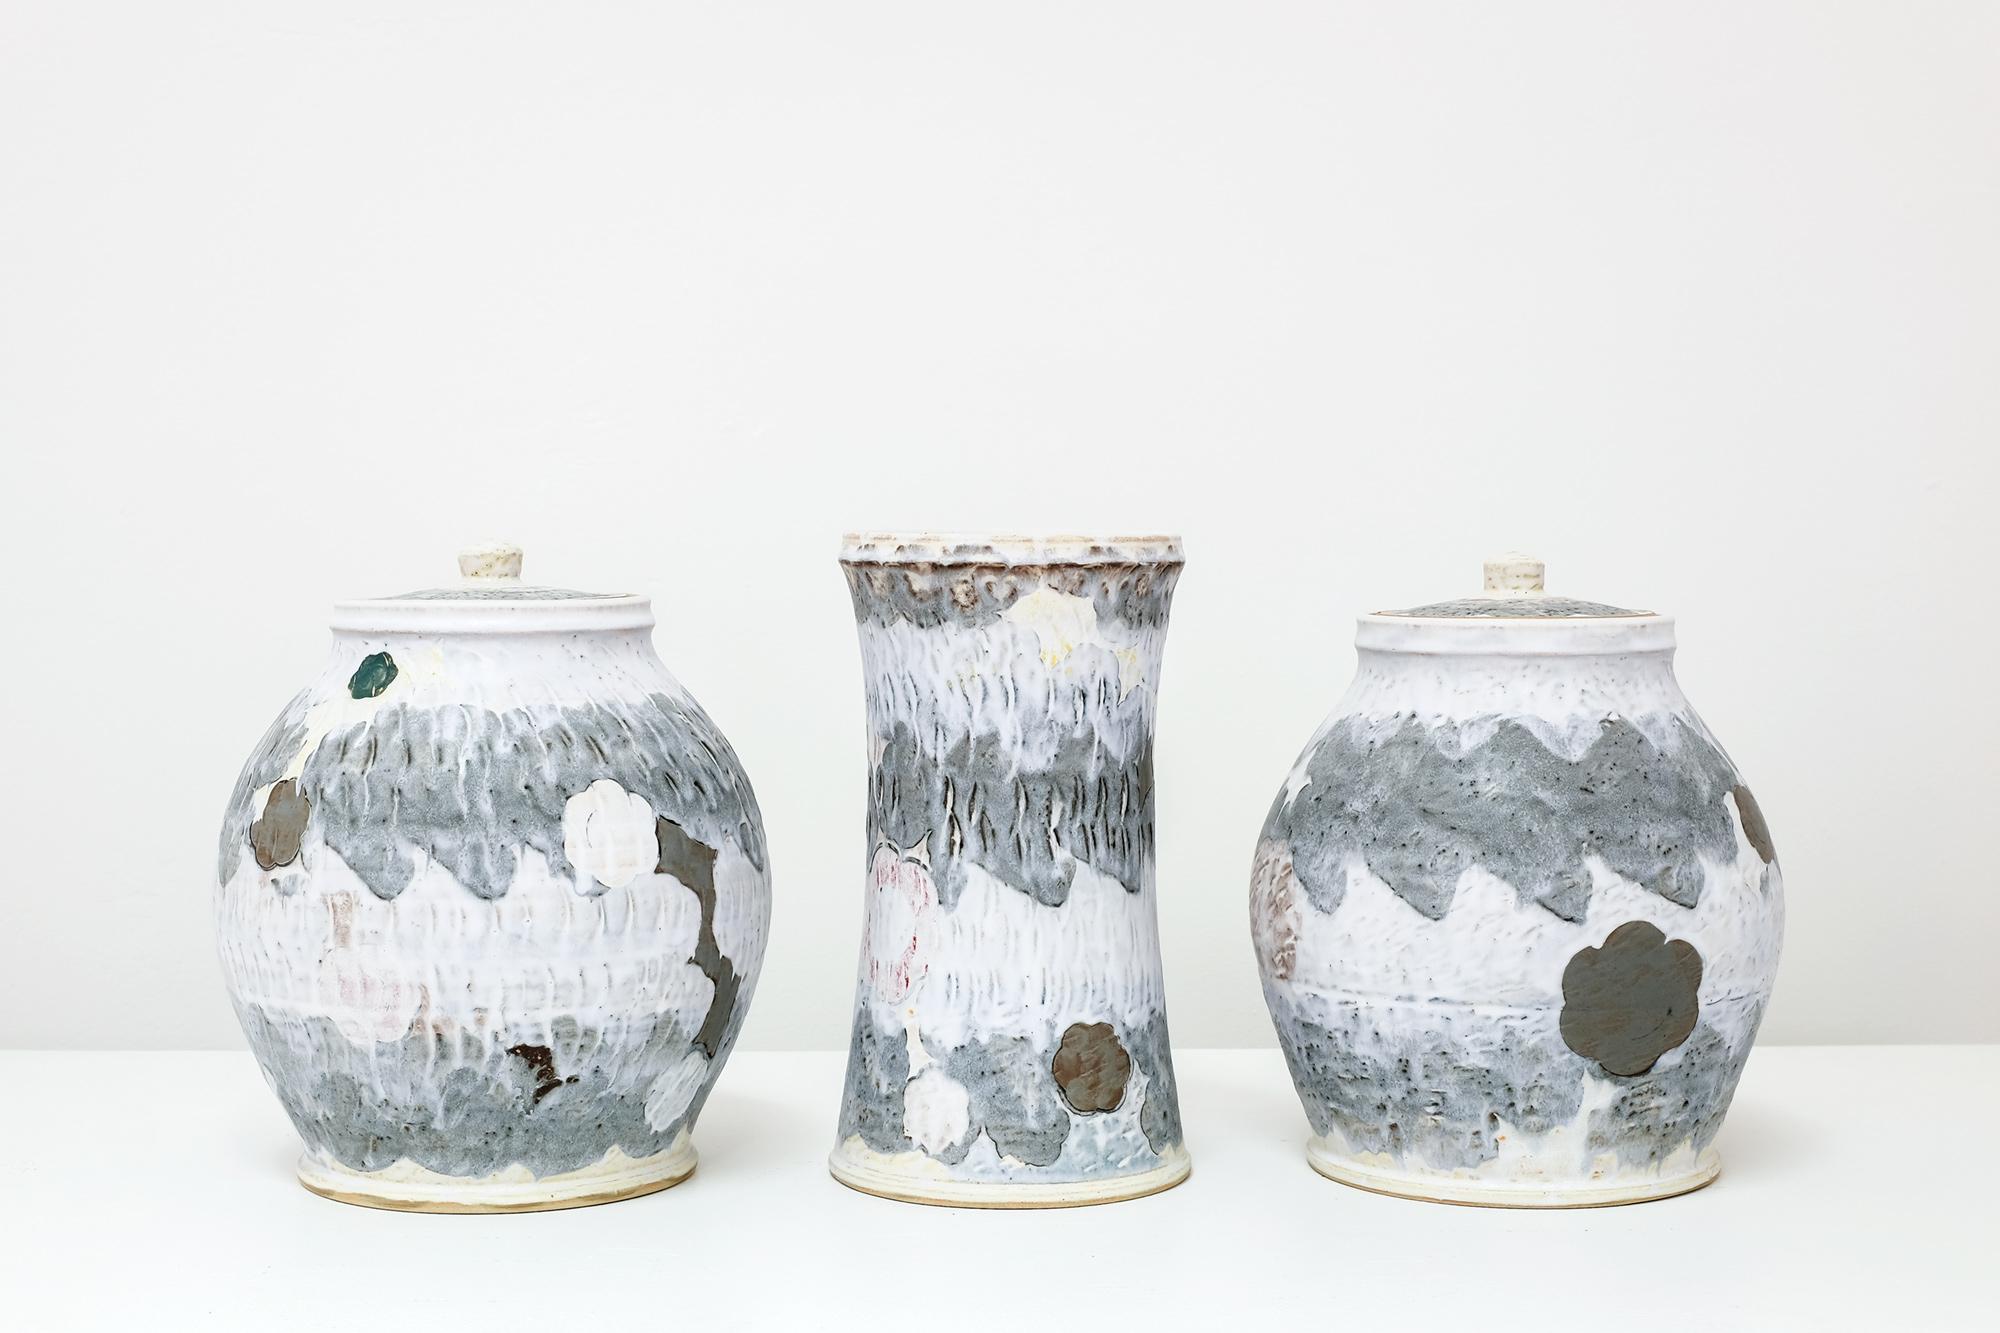 Sanam Emami, Garniture of Three Vases, 2021